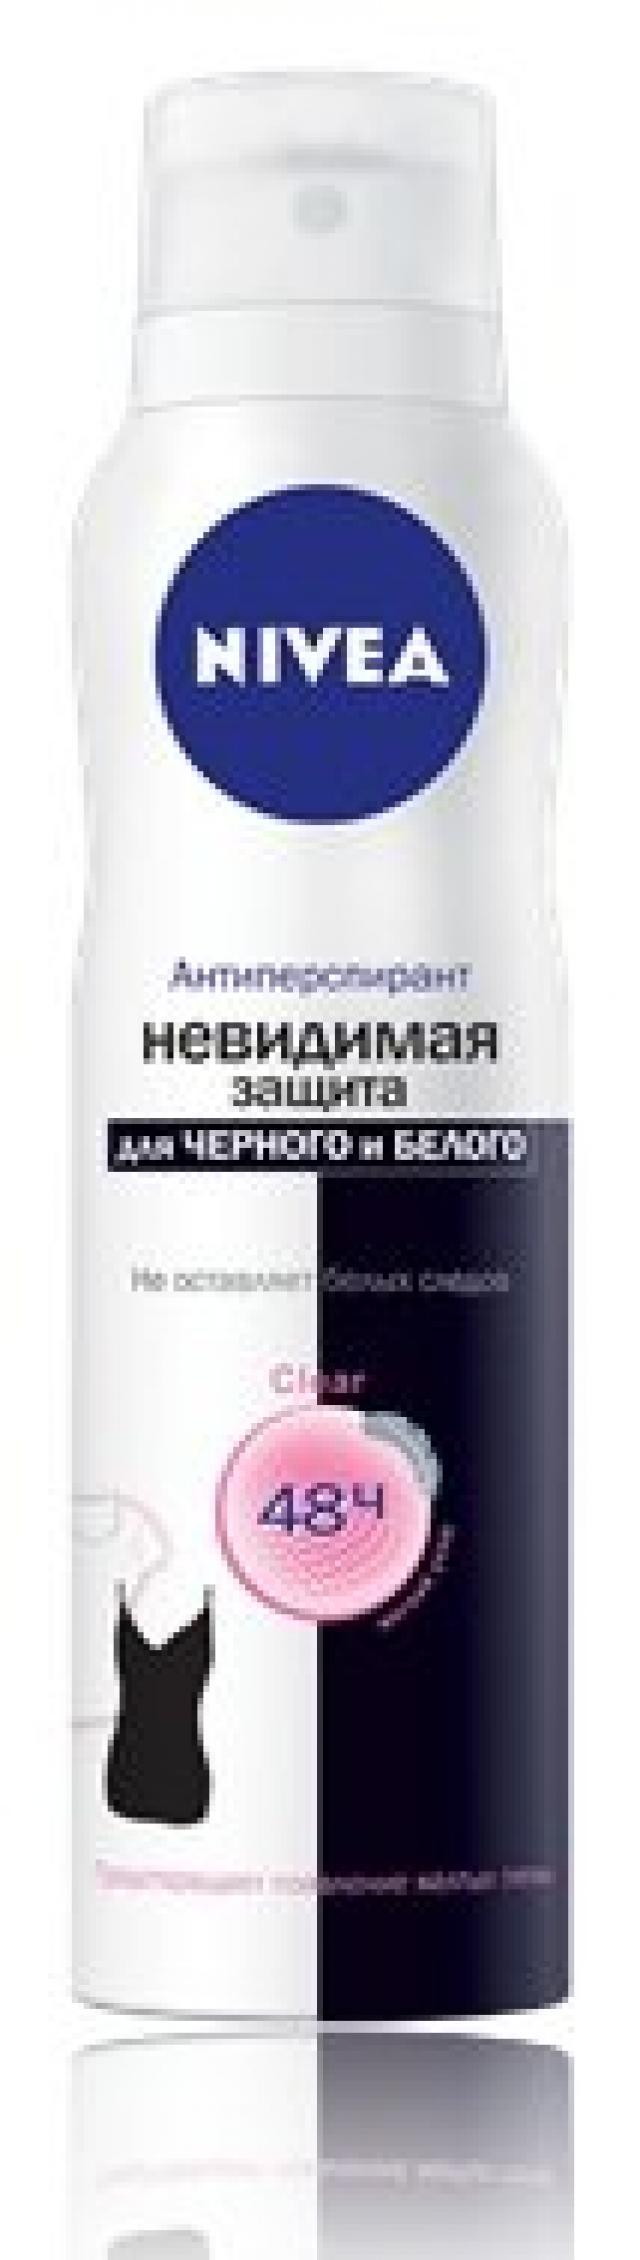 Нивея дезодорант-спрей Невид.защита для черного и белого 150мл 82230 купить в Москве по цене от 208 рублей